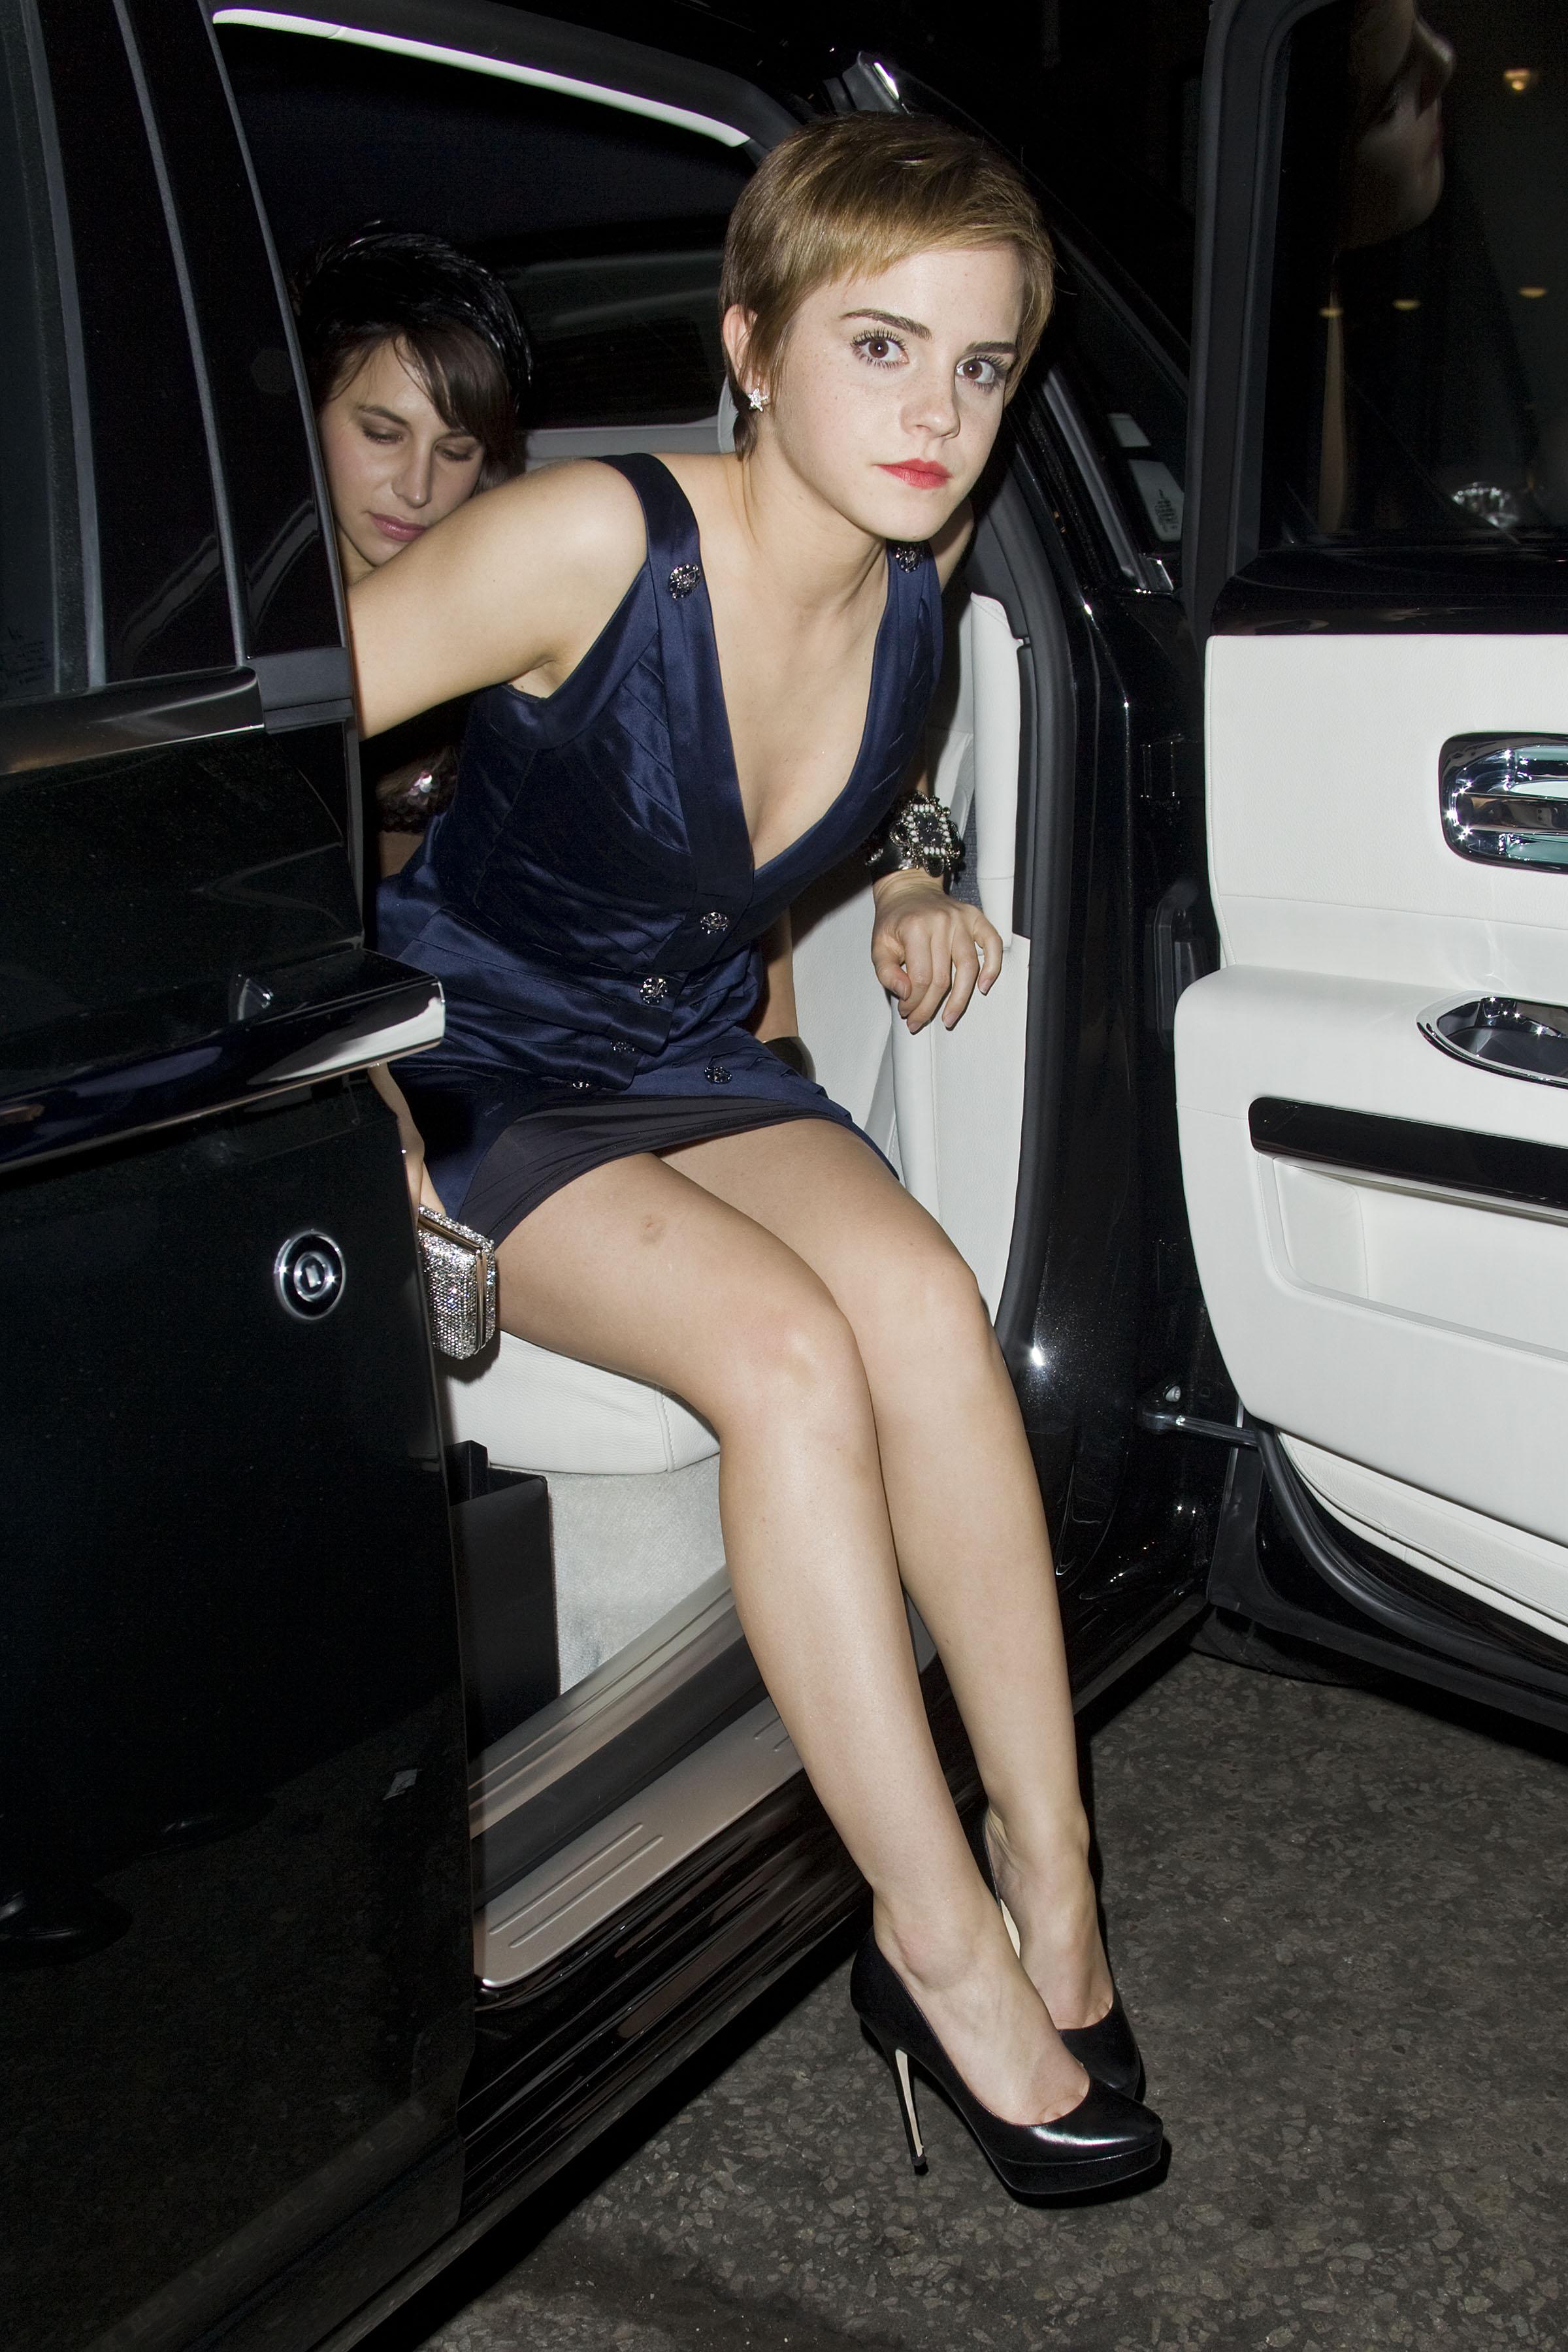 http://icelebstar.com/wp-content/uploads/2012/04/Emma_Watson_Finch_Parnters_Pre_BAFTA_Party_London_12_02_2011_42_.jpg